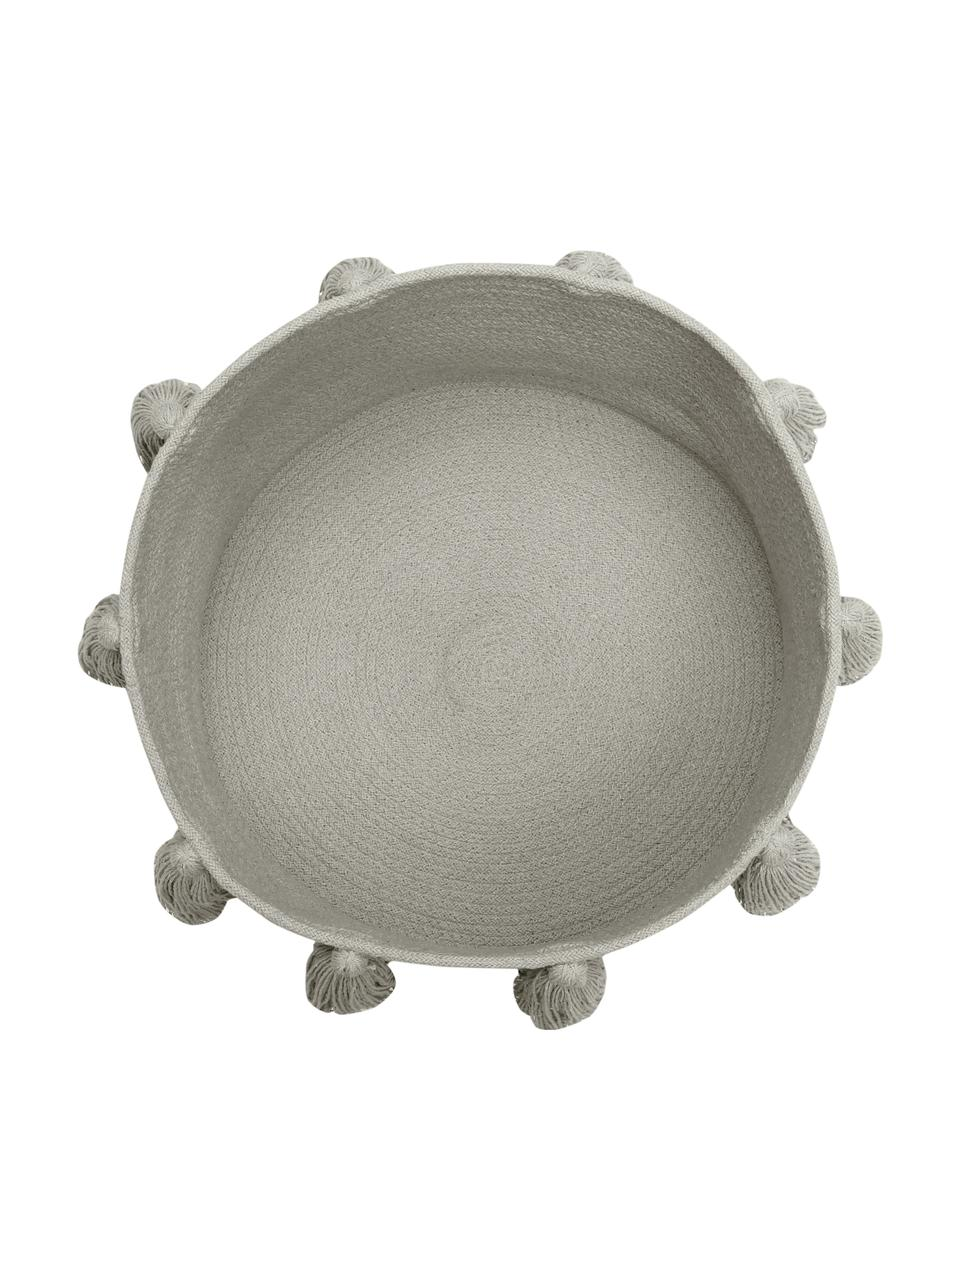 Aufbewahrungskorb Tassels, 97% Baumwolle, 3% recycelte Baumwolle, Greige, Ø 45 x H 30 cm